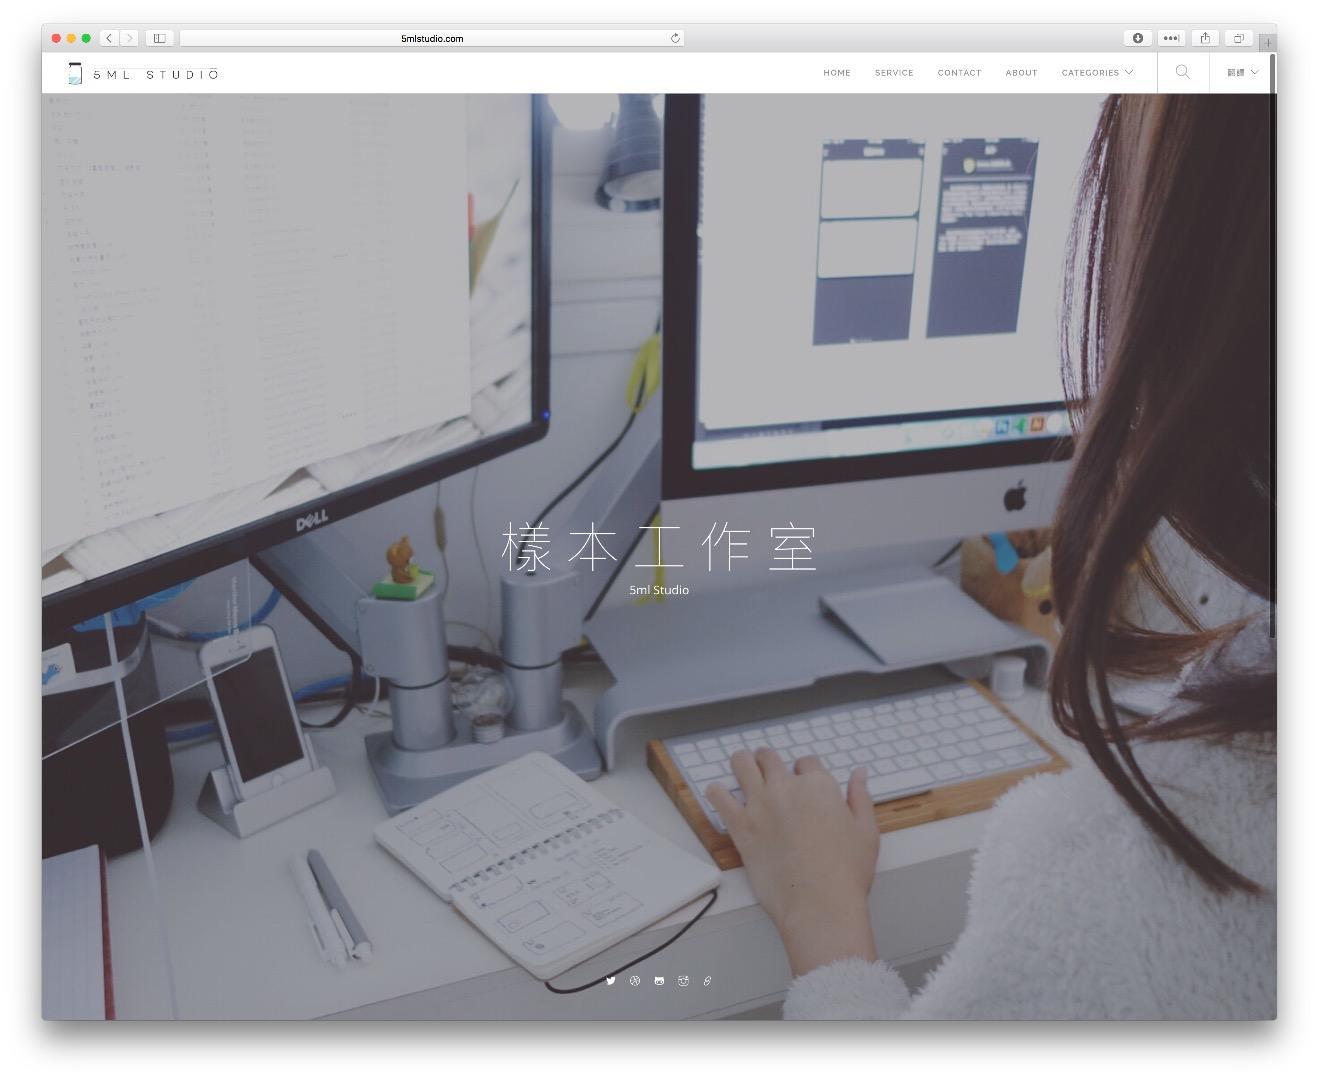 工作室網站建立